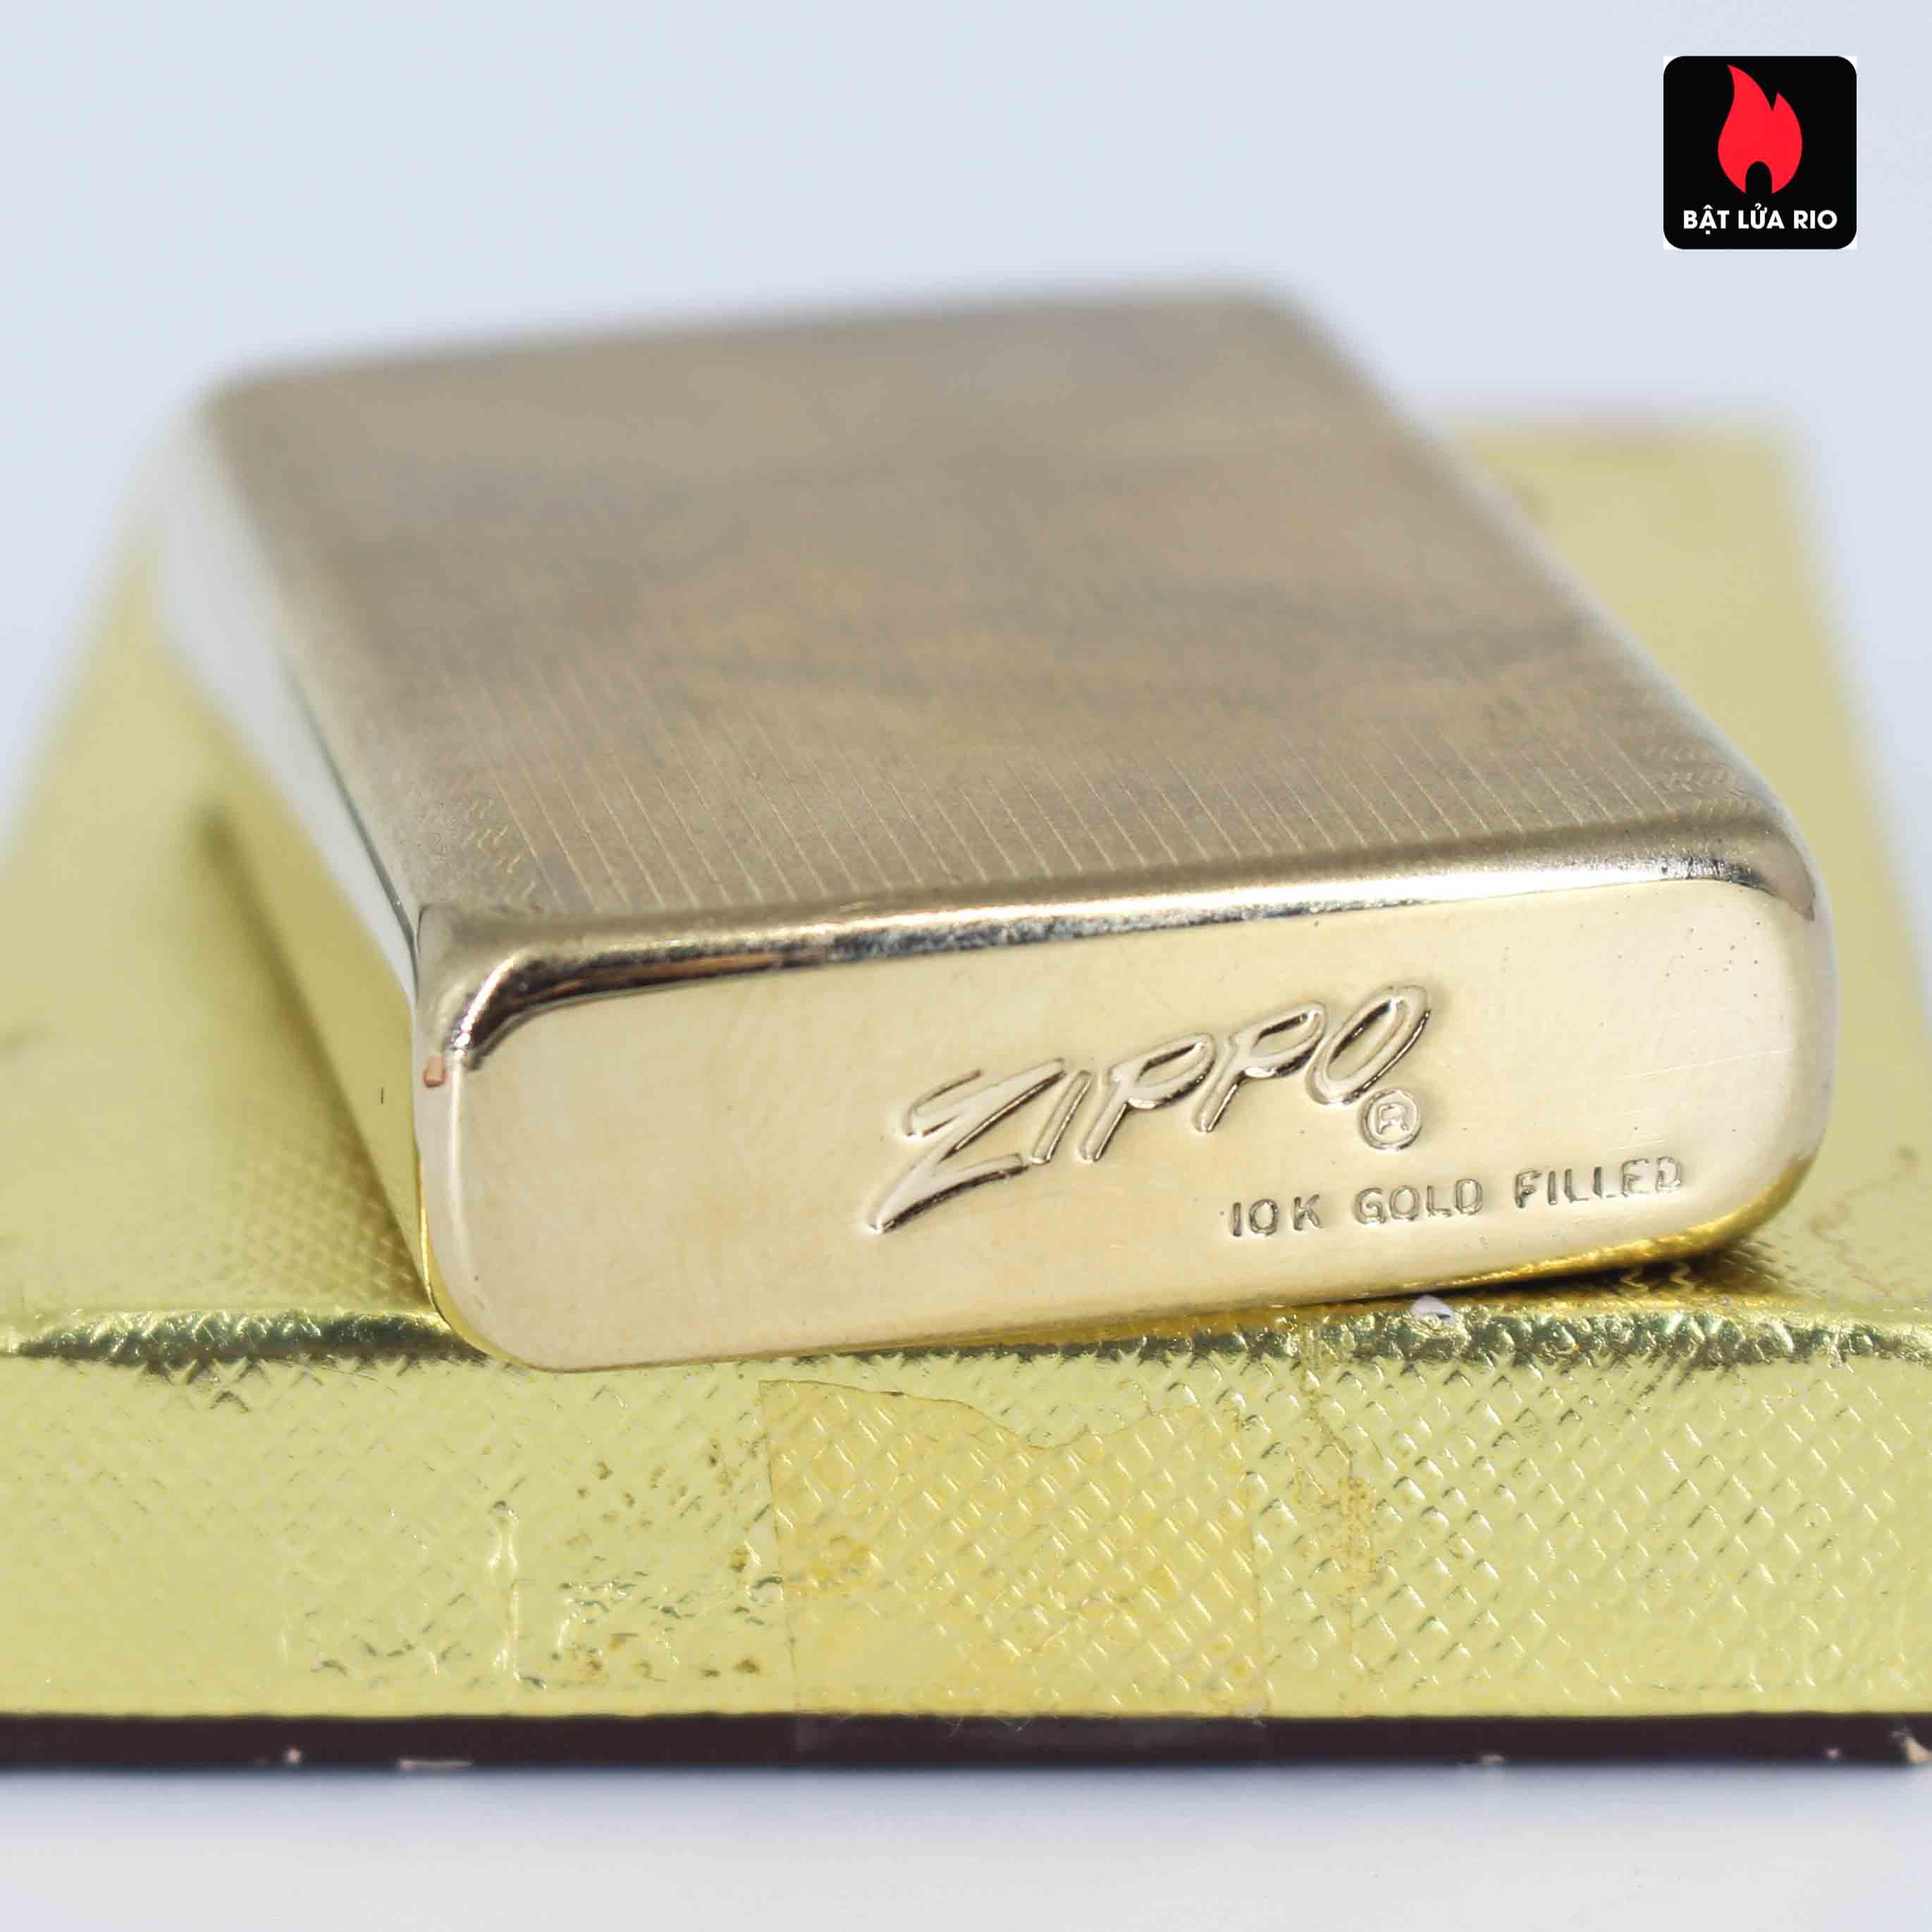 Zippo 1960s – 10K Gold Filled – Bọc Vàng 10K – Hoa Văn Sang Trọng 4